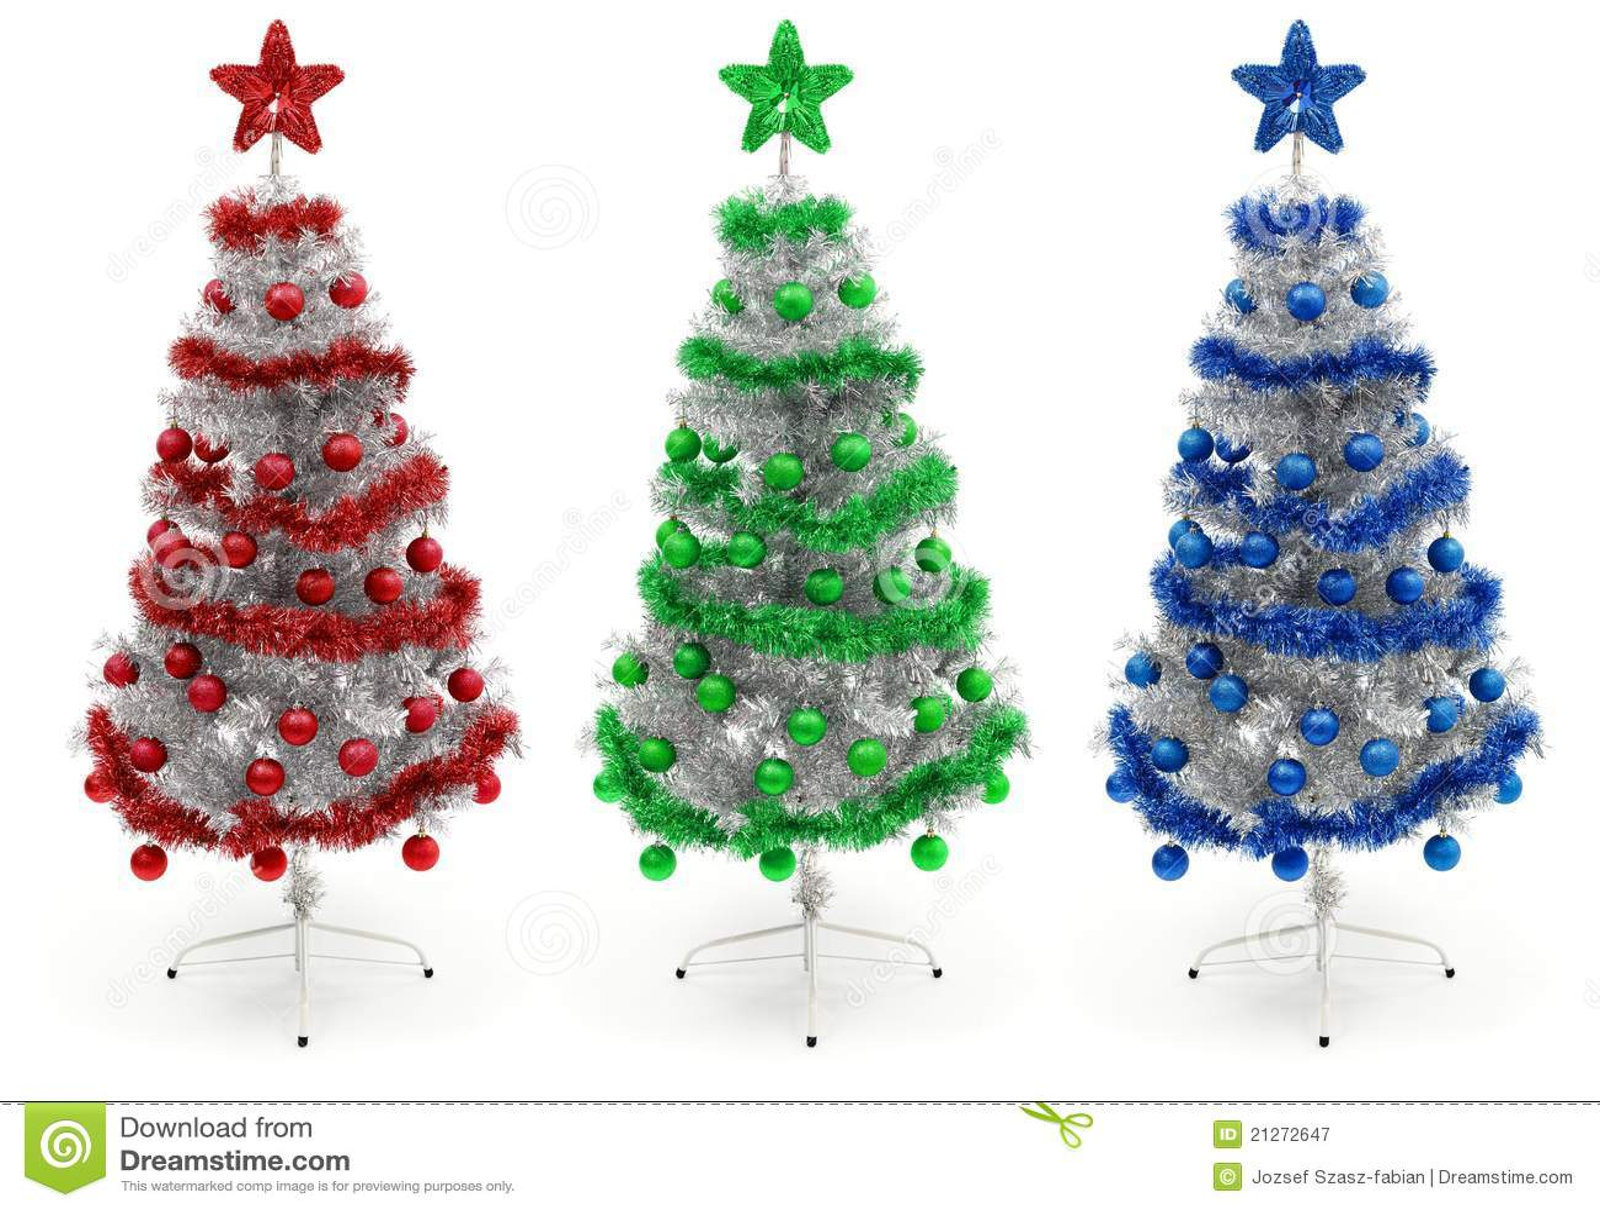 Rbol de navidad adornado del rojo verde y azul - Arbol de navidad adornado ...